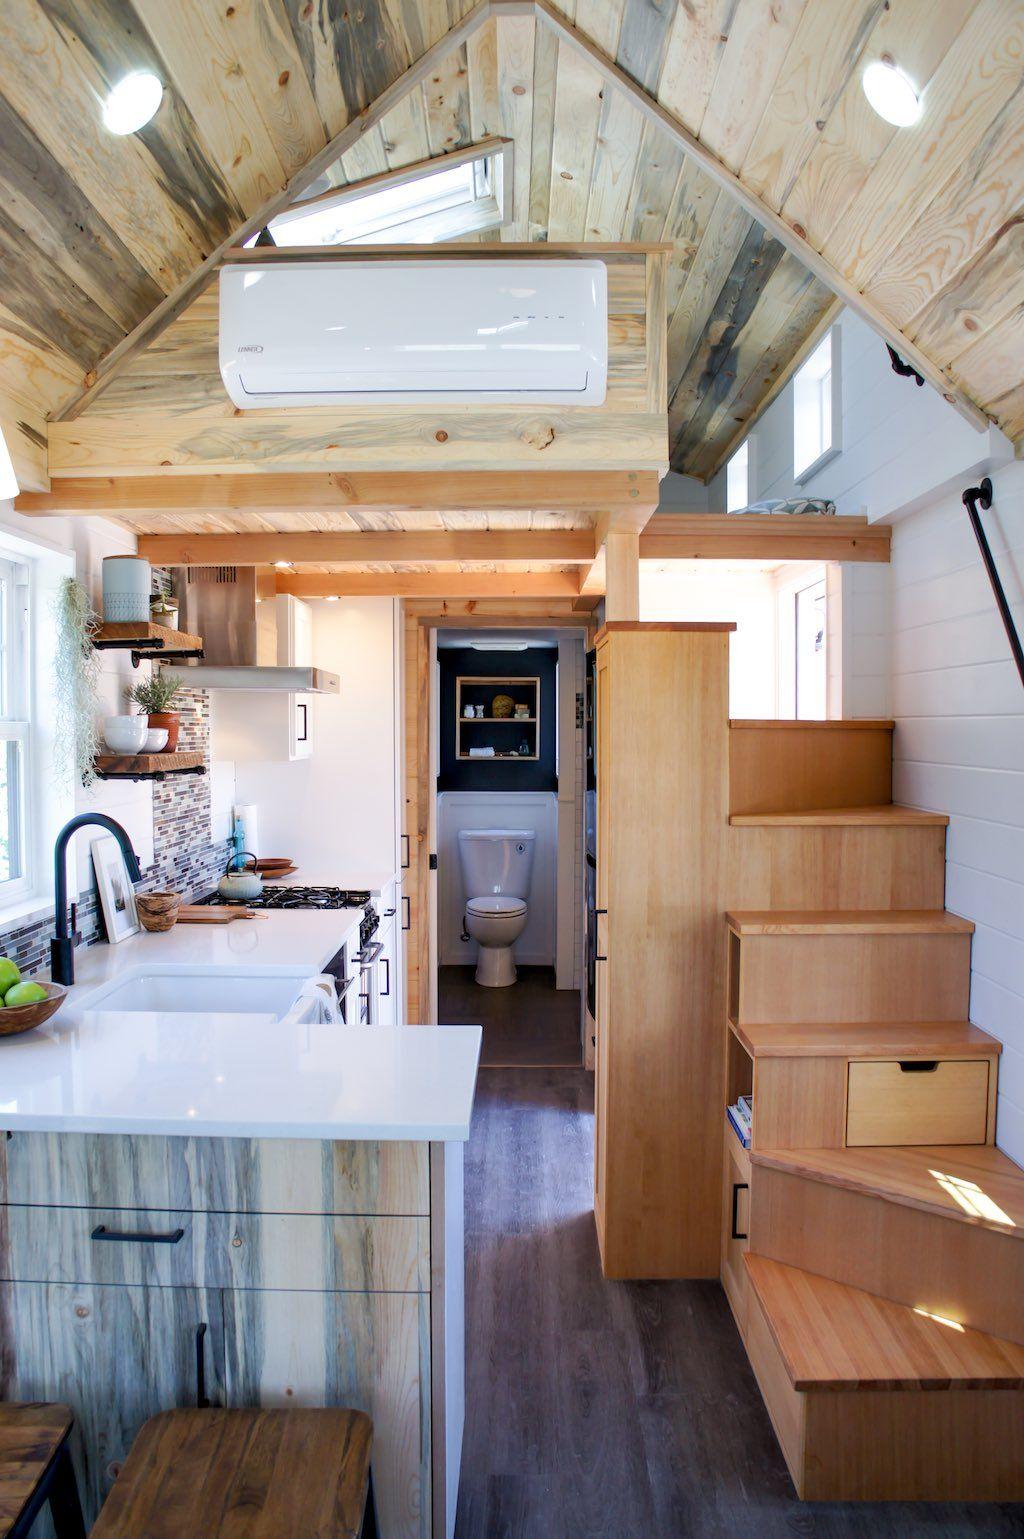 28 kootenay tiny house loft tiny house stairs tiny on best tiny house plan design ideas id=41685